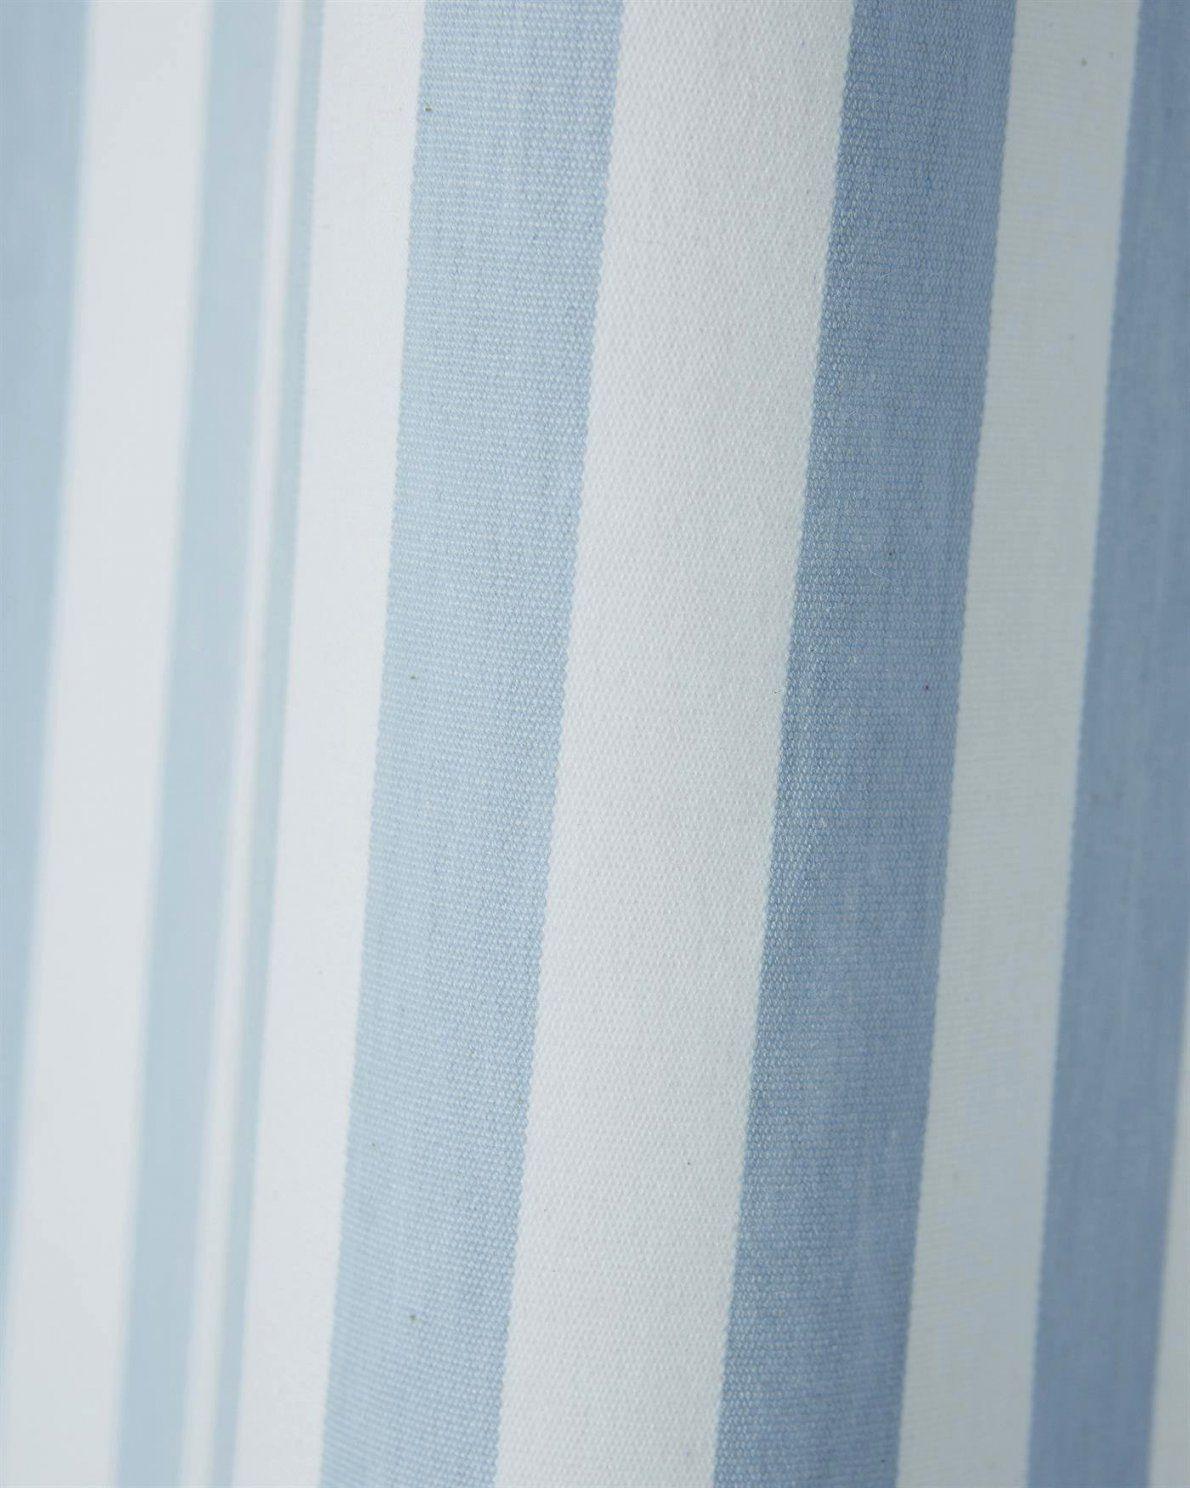 Vorhang Blau Weiß Gestreift Modern Inspiration Betreffend Vorhang von Vorhang Blau Weiß Gestreift Photo